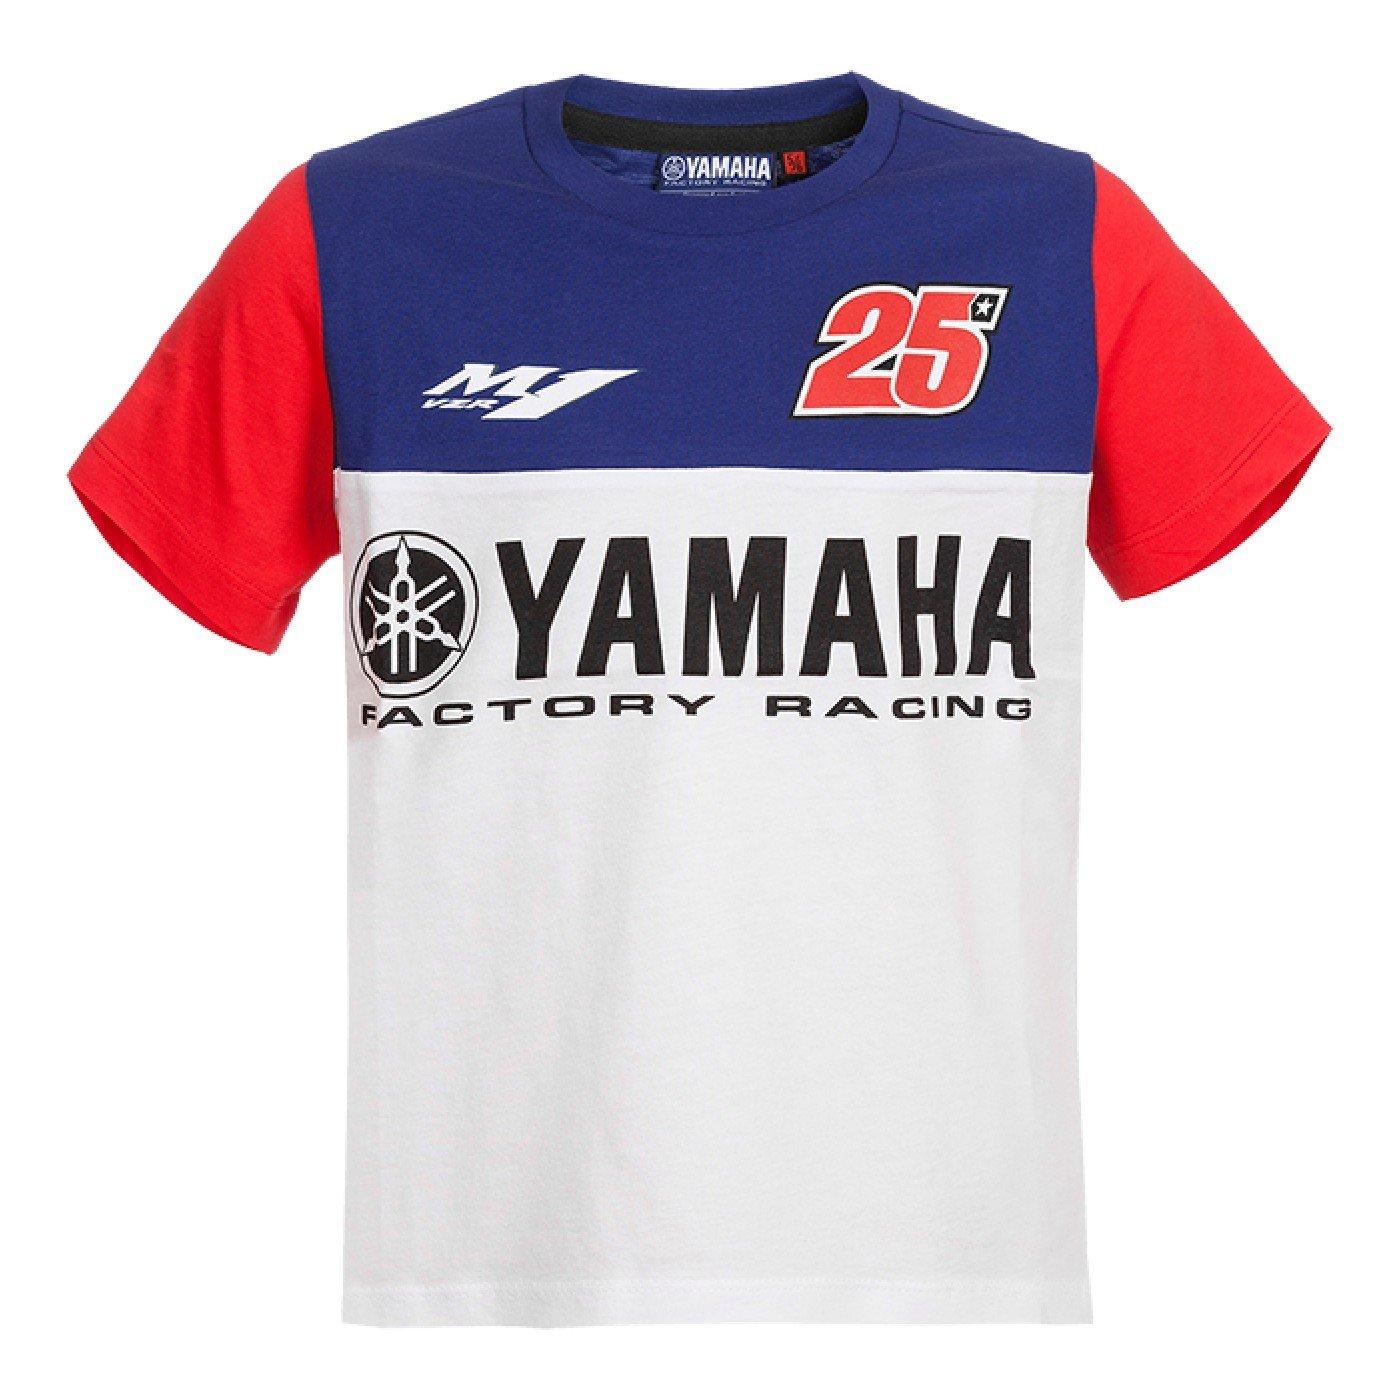 Dětské tričko s krátkým rukávem YAMAHA Maverick Vinales 2017 (modré) 1-2 roky